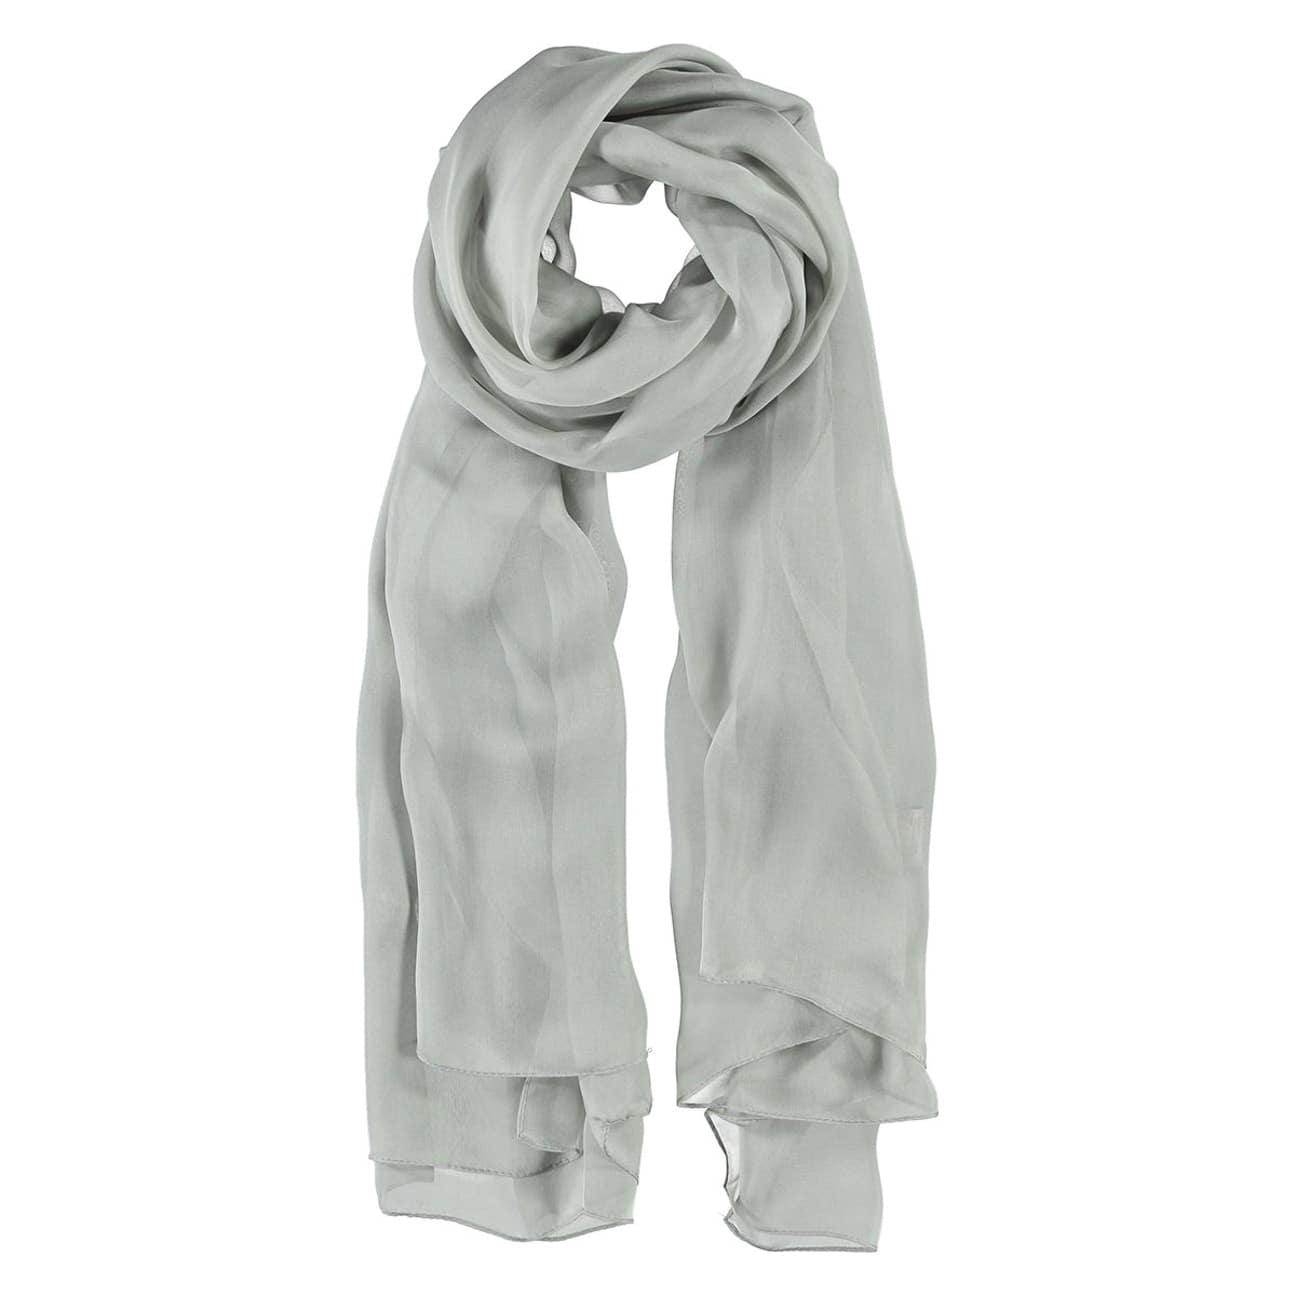 640c4dc4917 ... bordeaux 1 · Foulard Soie Chiffon by Passigatti - gris clair 1 ...